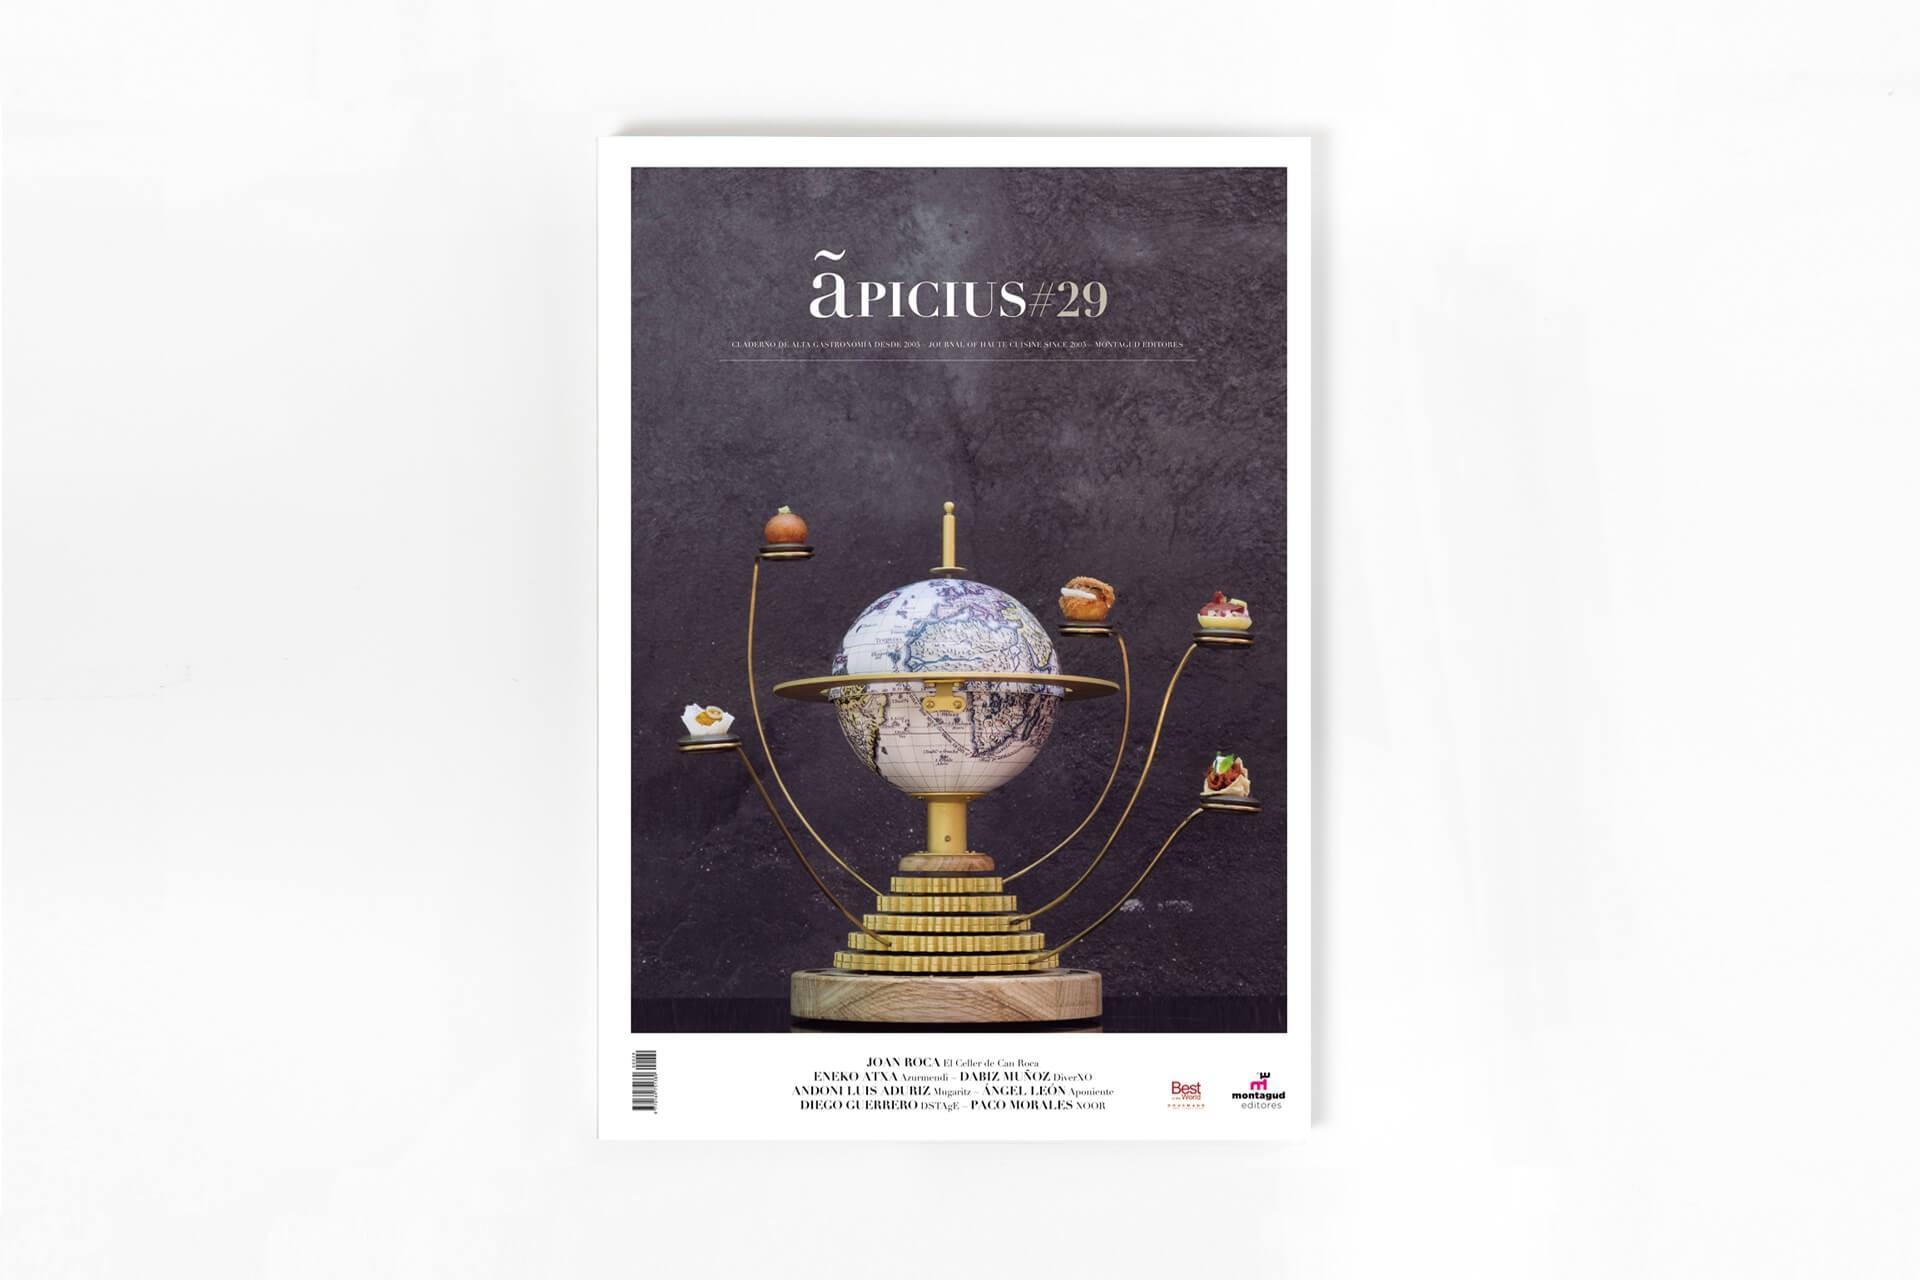 APICIUS_29_l